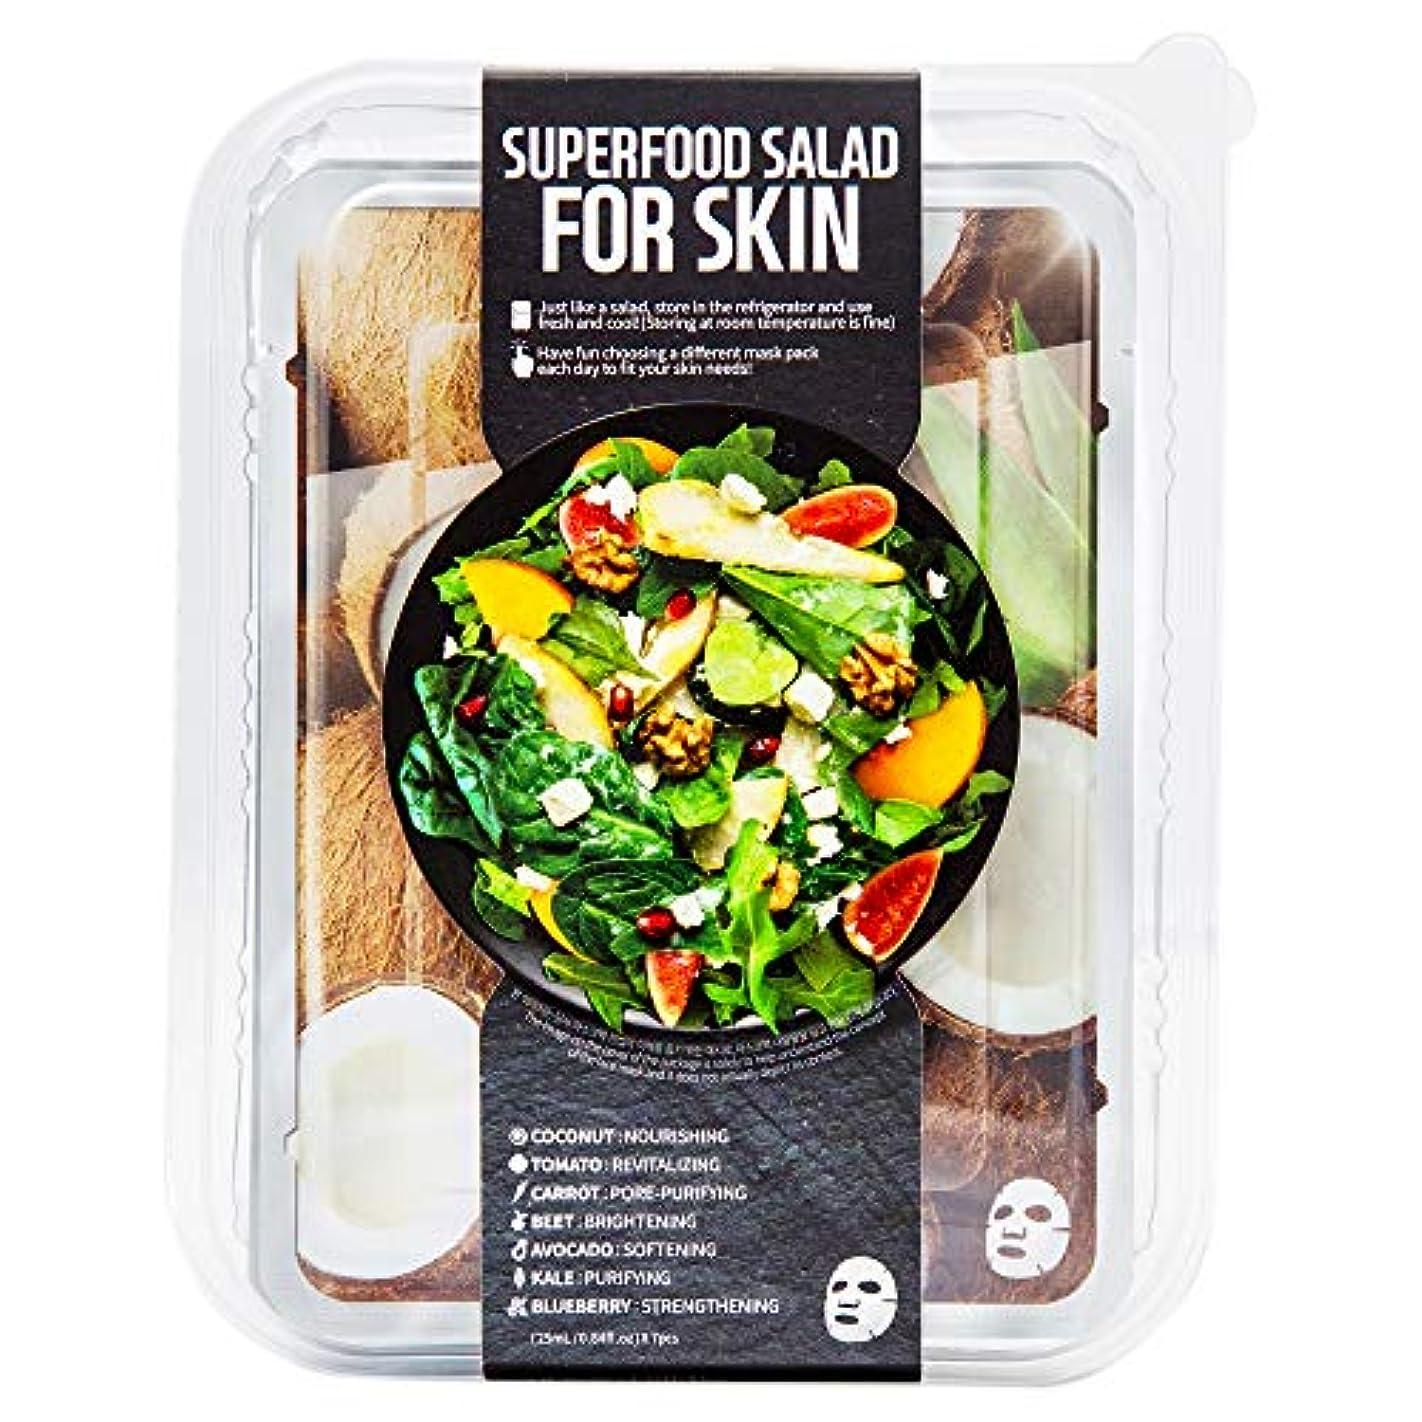 接続された症候群まどろみのあるファームスキン スーパーフードサラダ フォースキン フェイスマスクシート パッケージD(ココナッツ) 7枚入